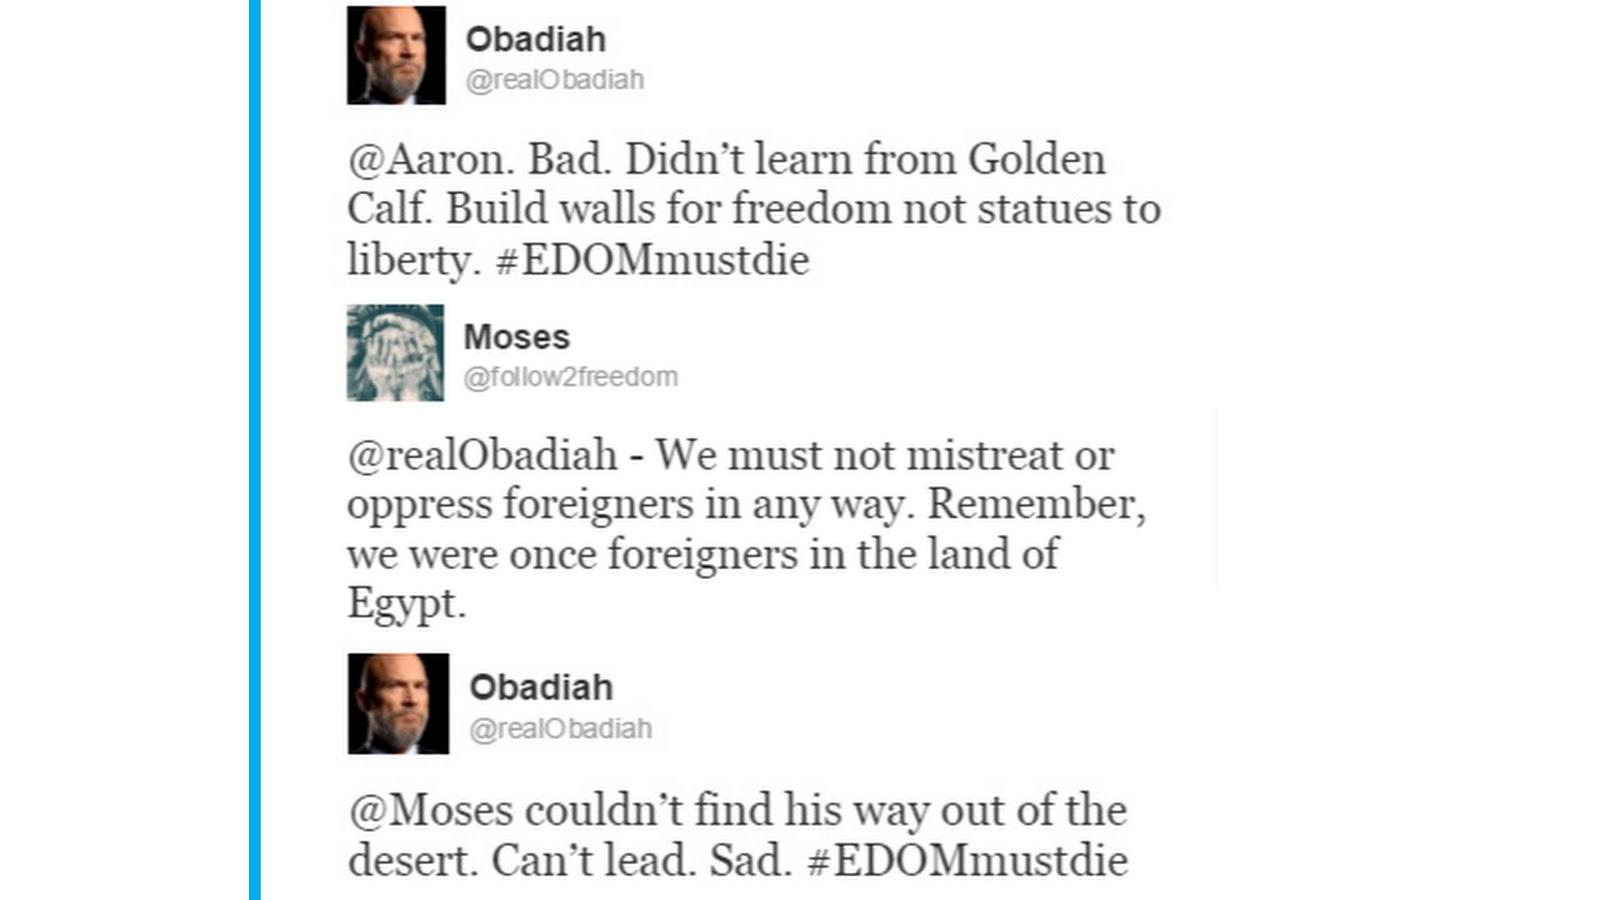 realObadiah Tweet 3 response.jpg